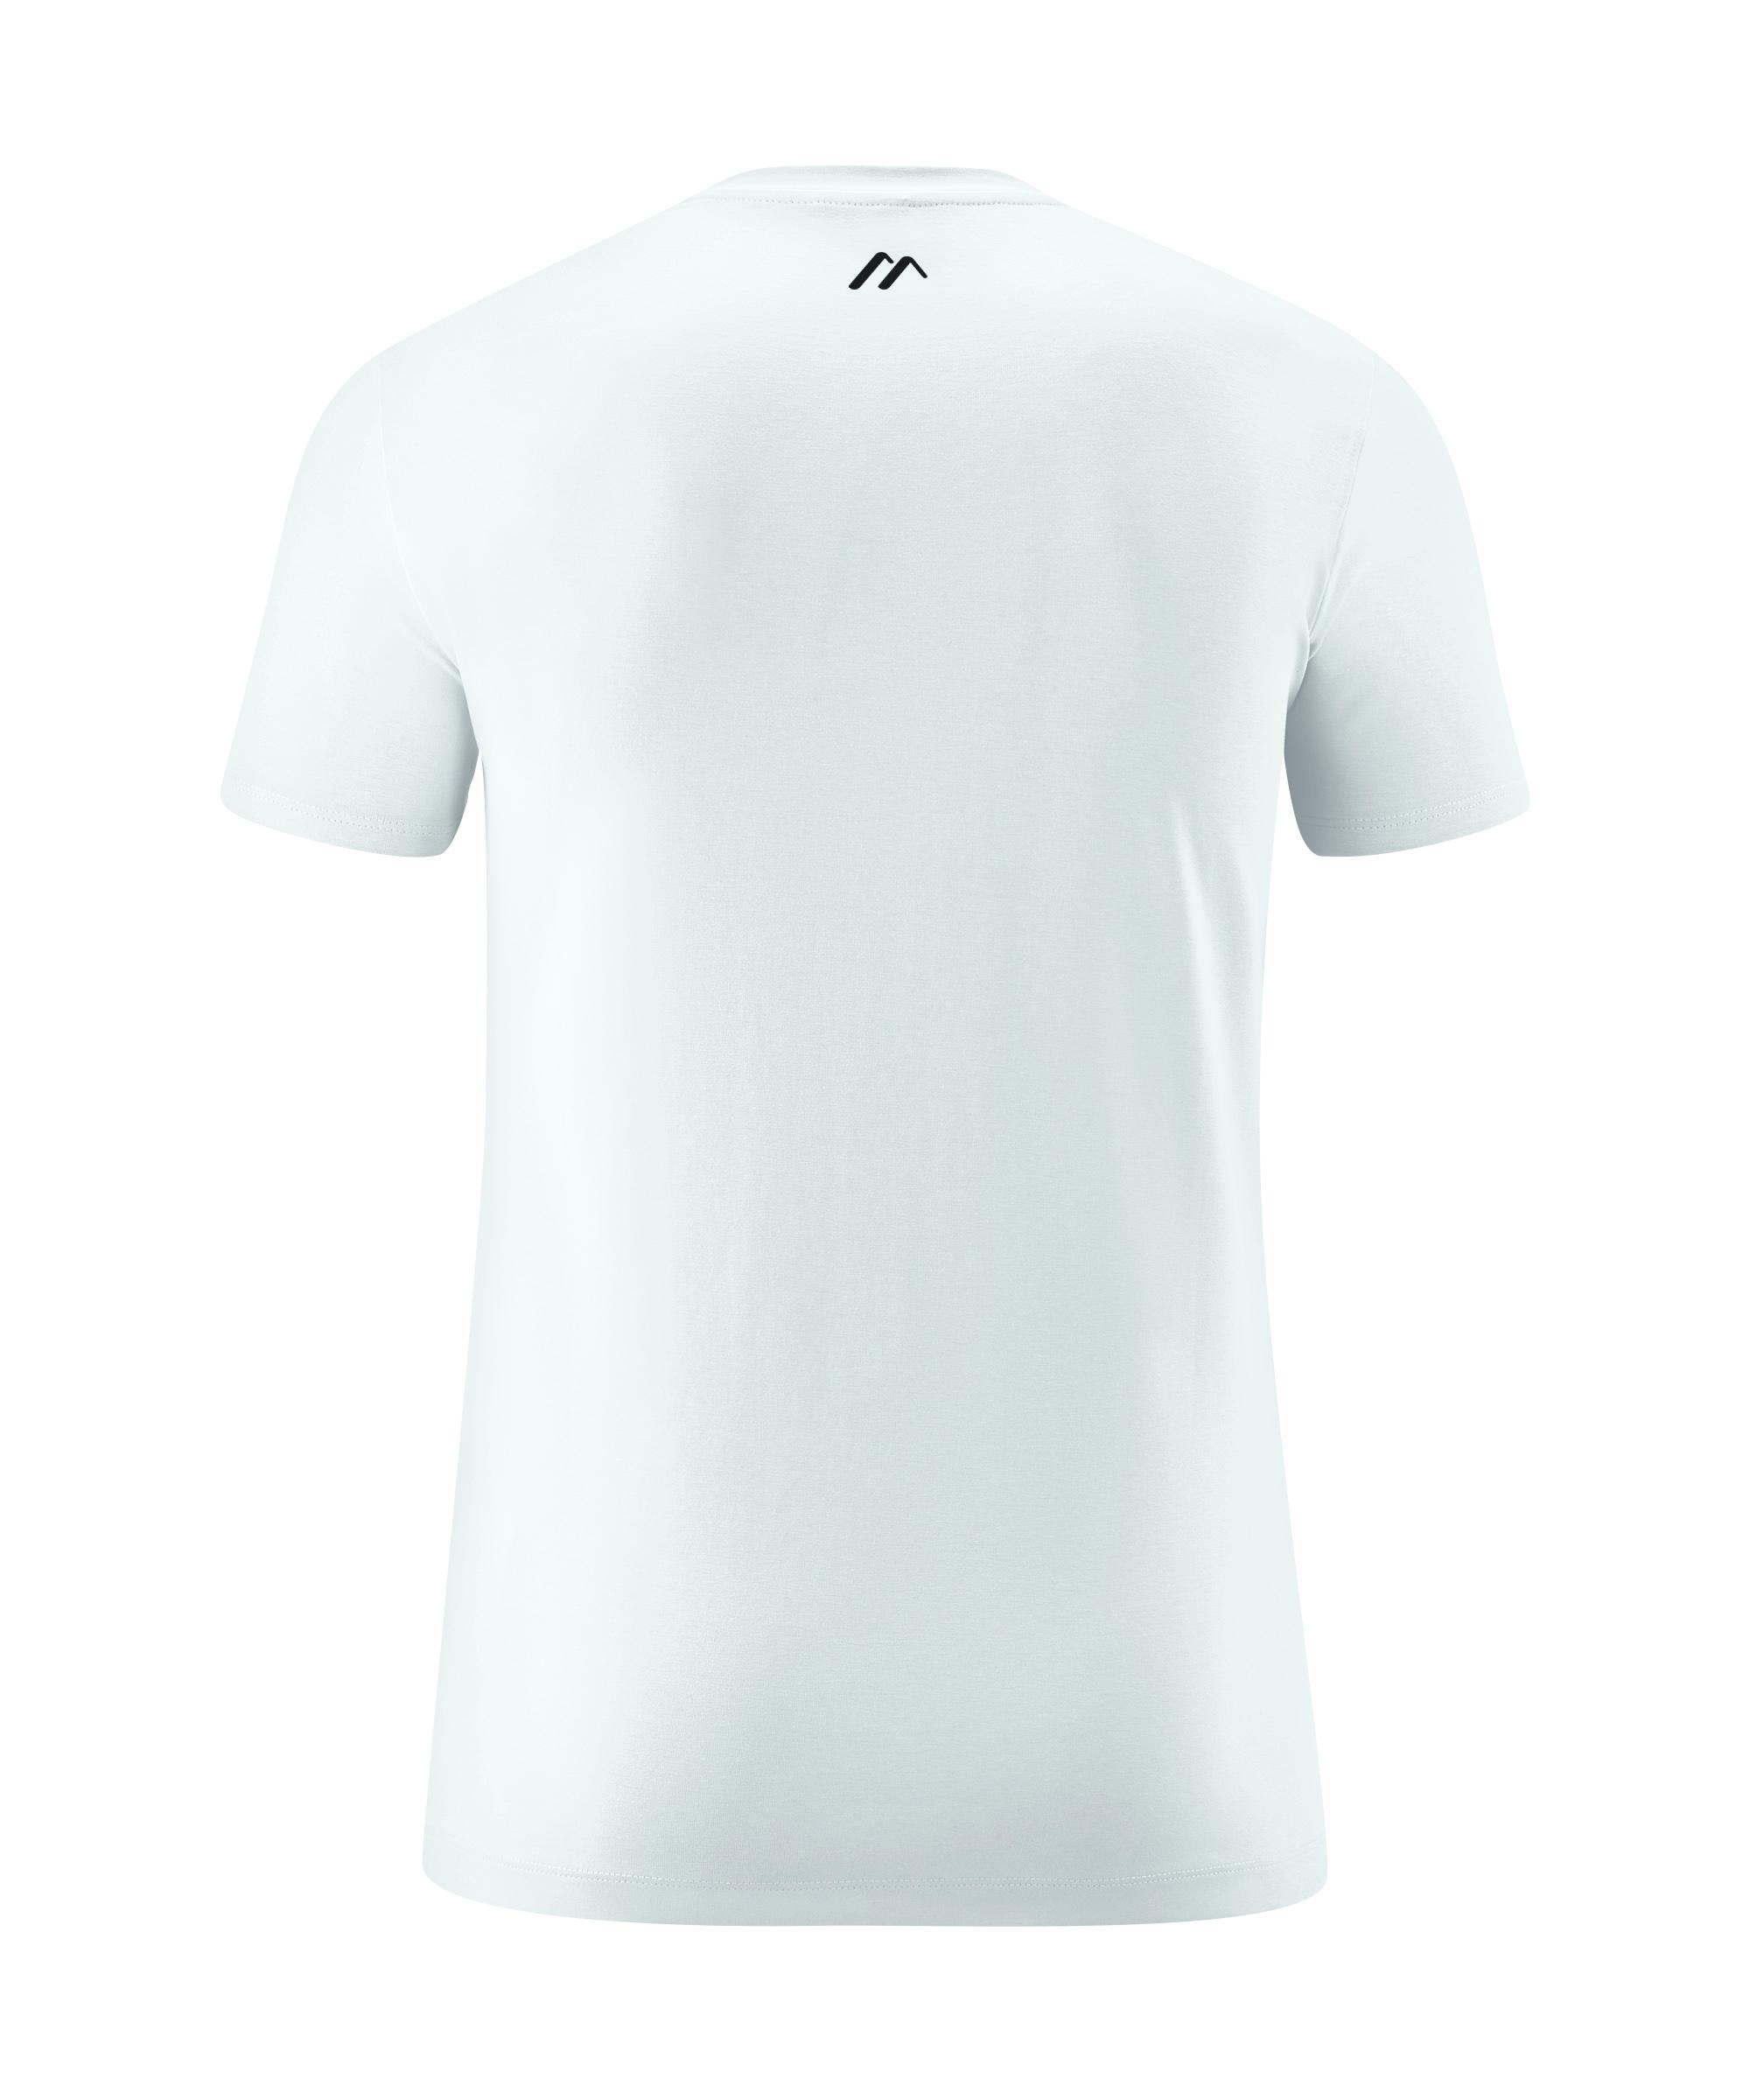 Maier Sports Hr. T-Shirt Karle 453001 weiß